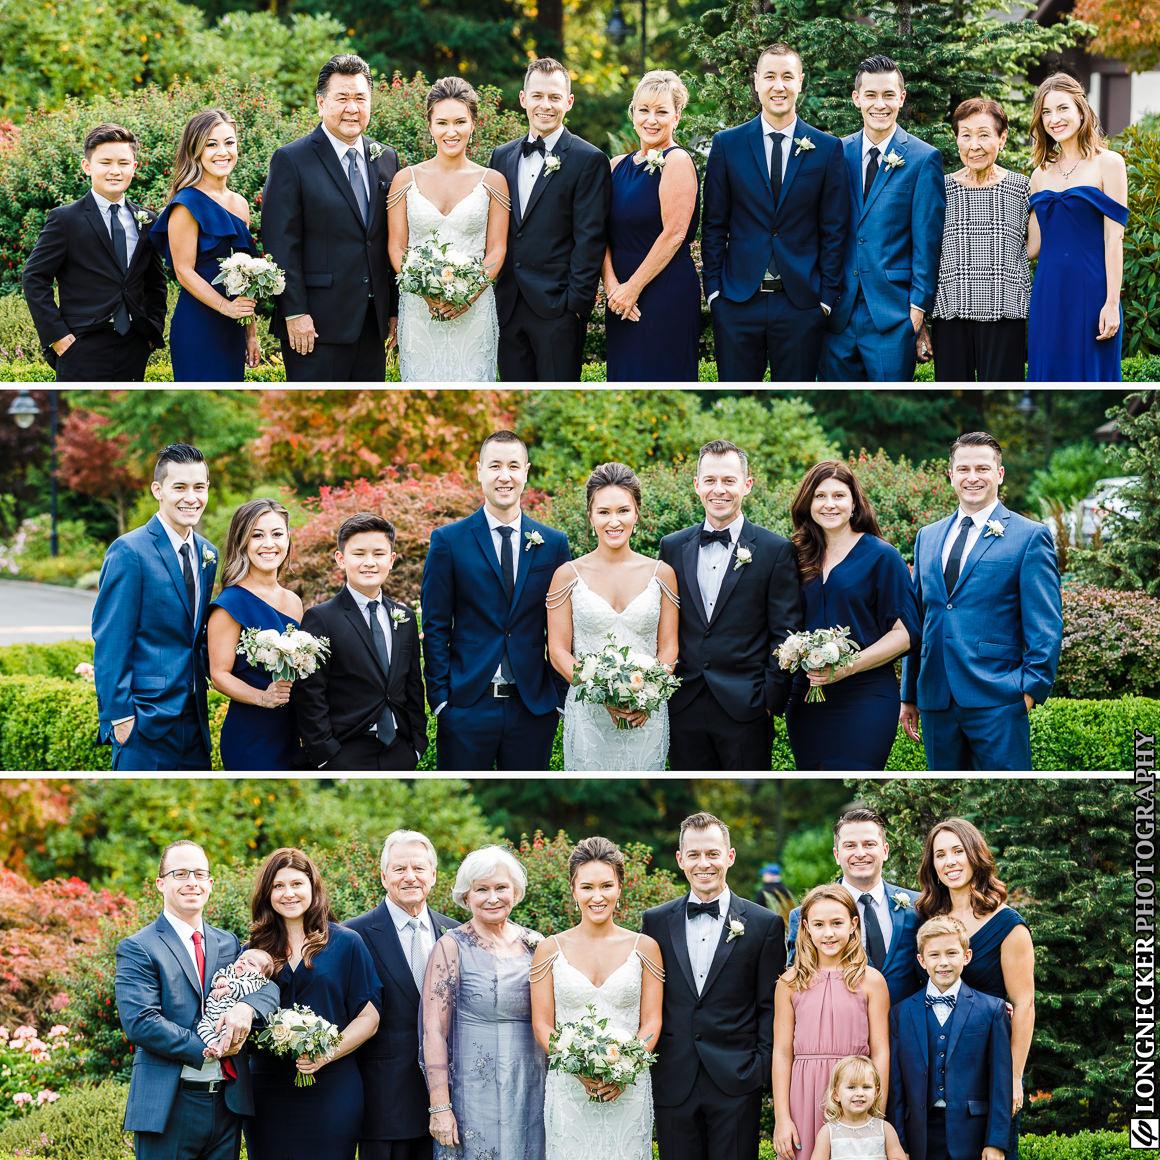 Shoreline wedding